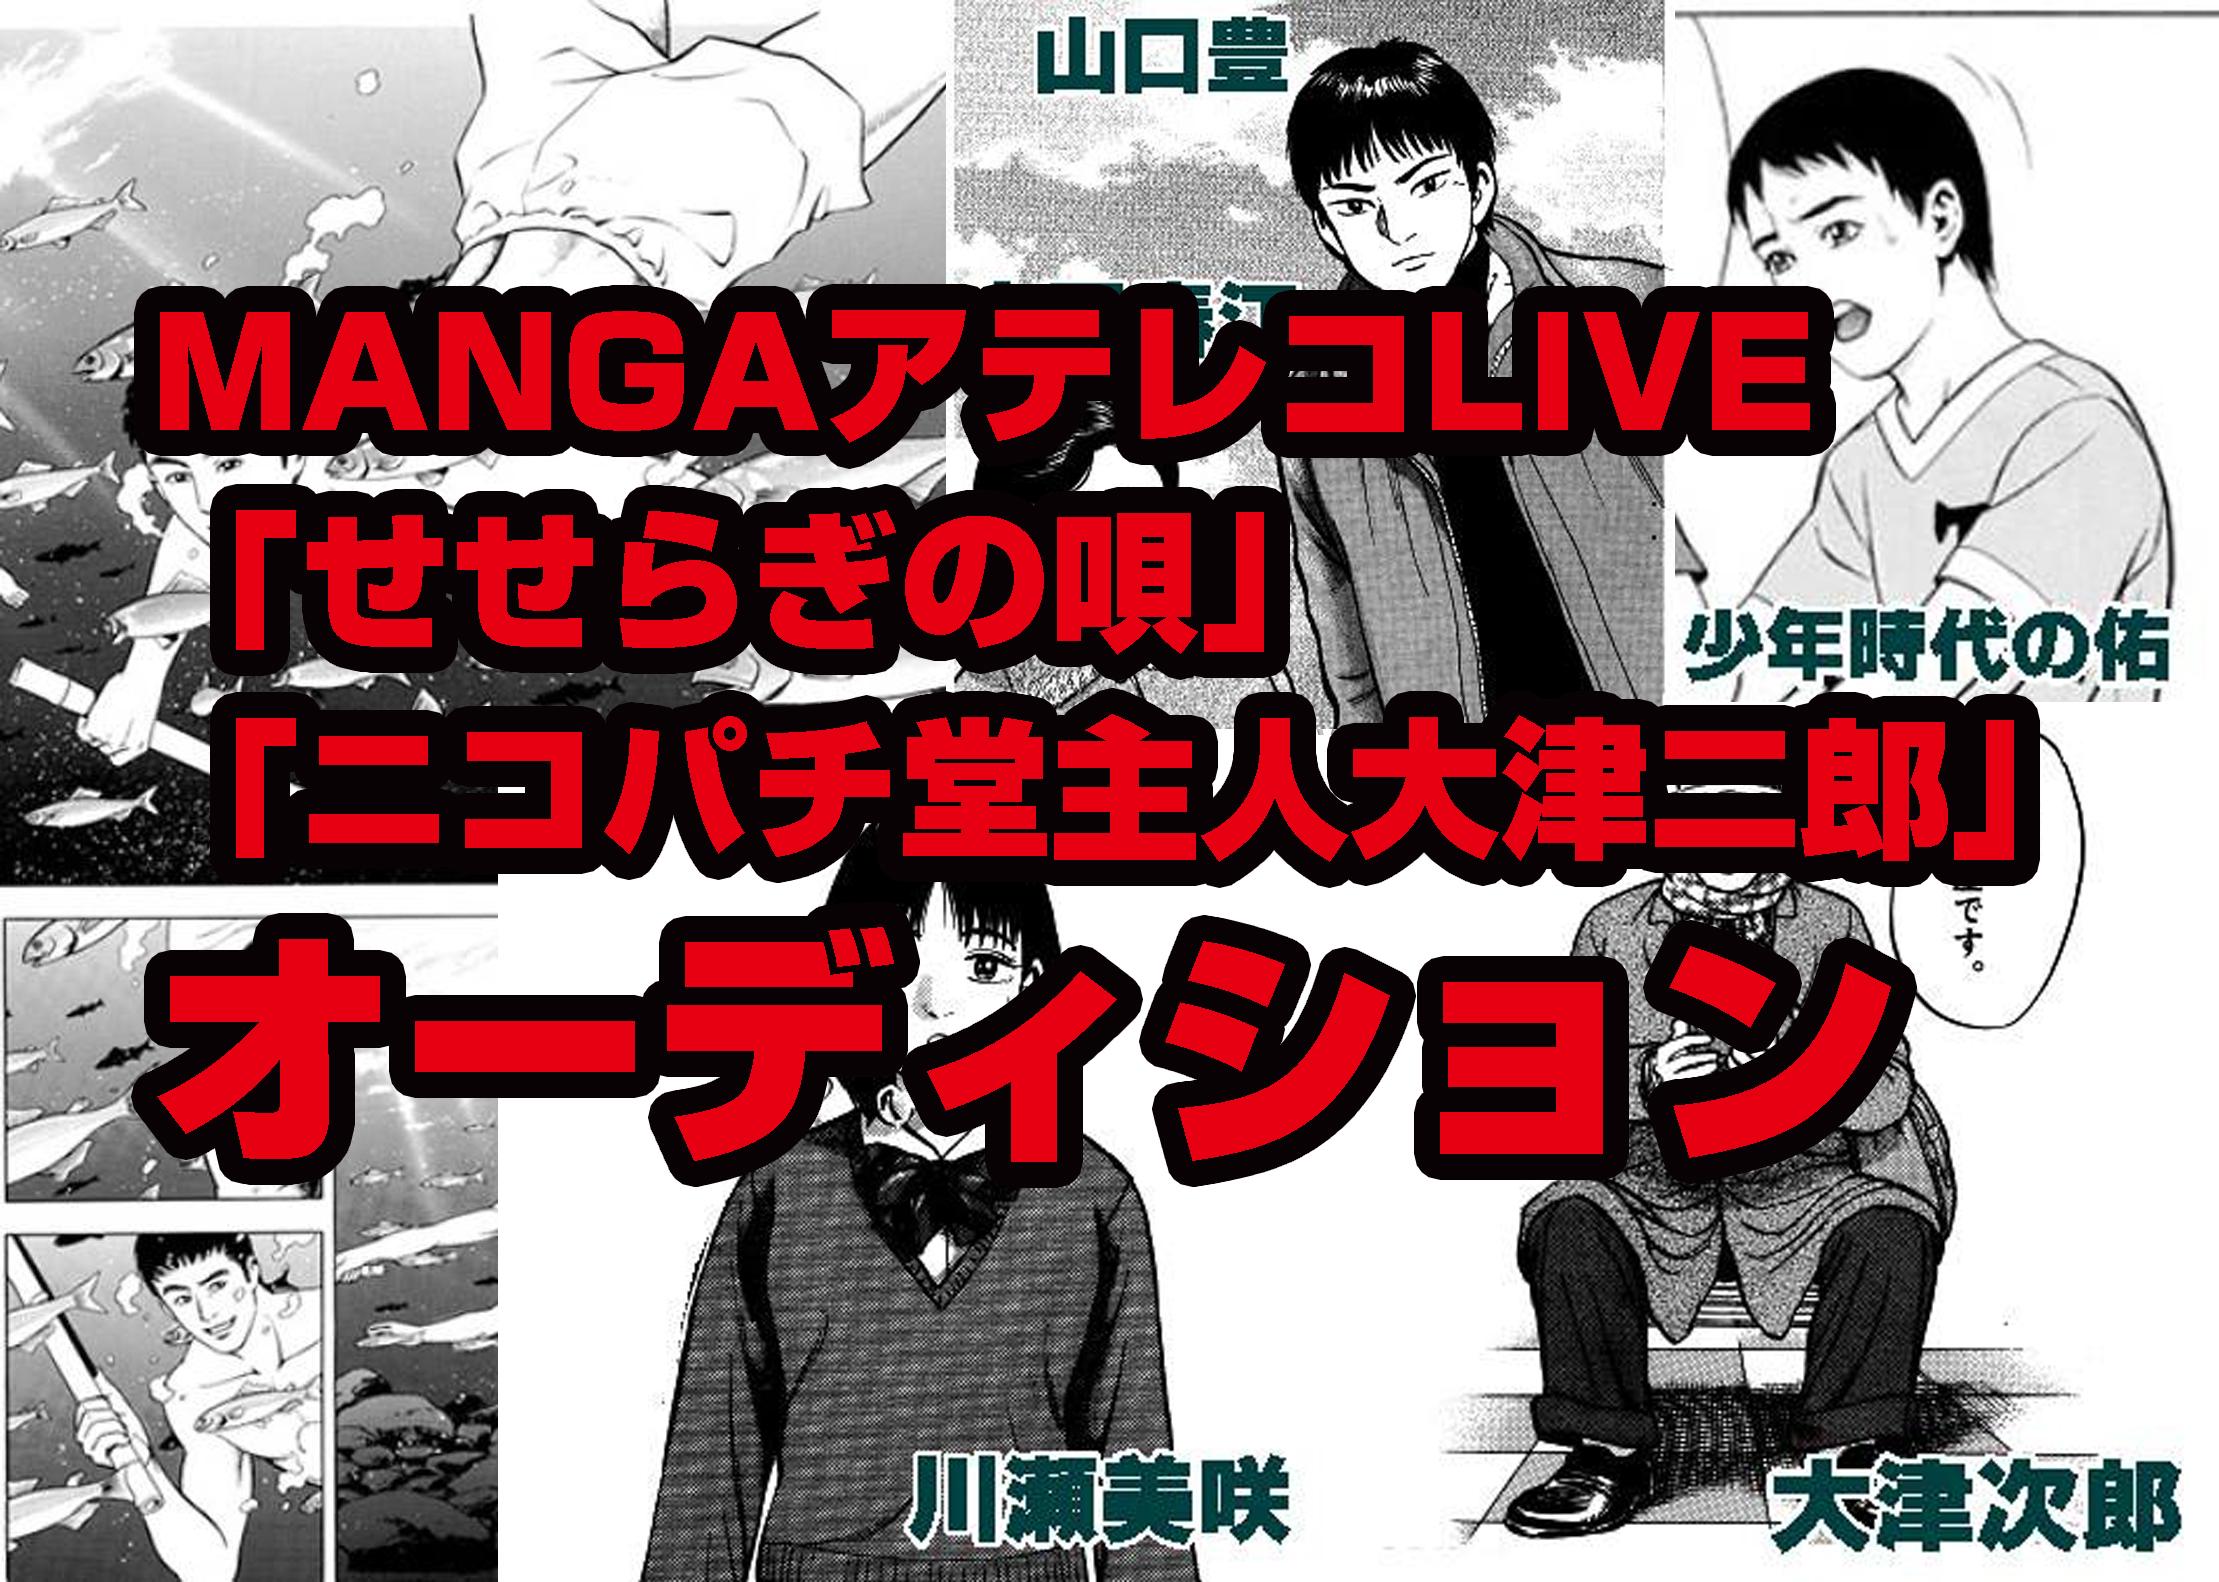 【募集終了】MANGAアテレコLIVE「せせらぎの唄」「ニコパチ堂主人大津二郎」